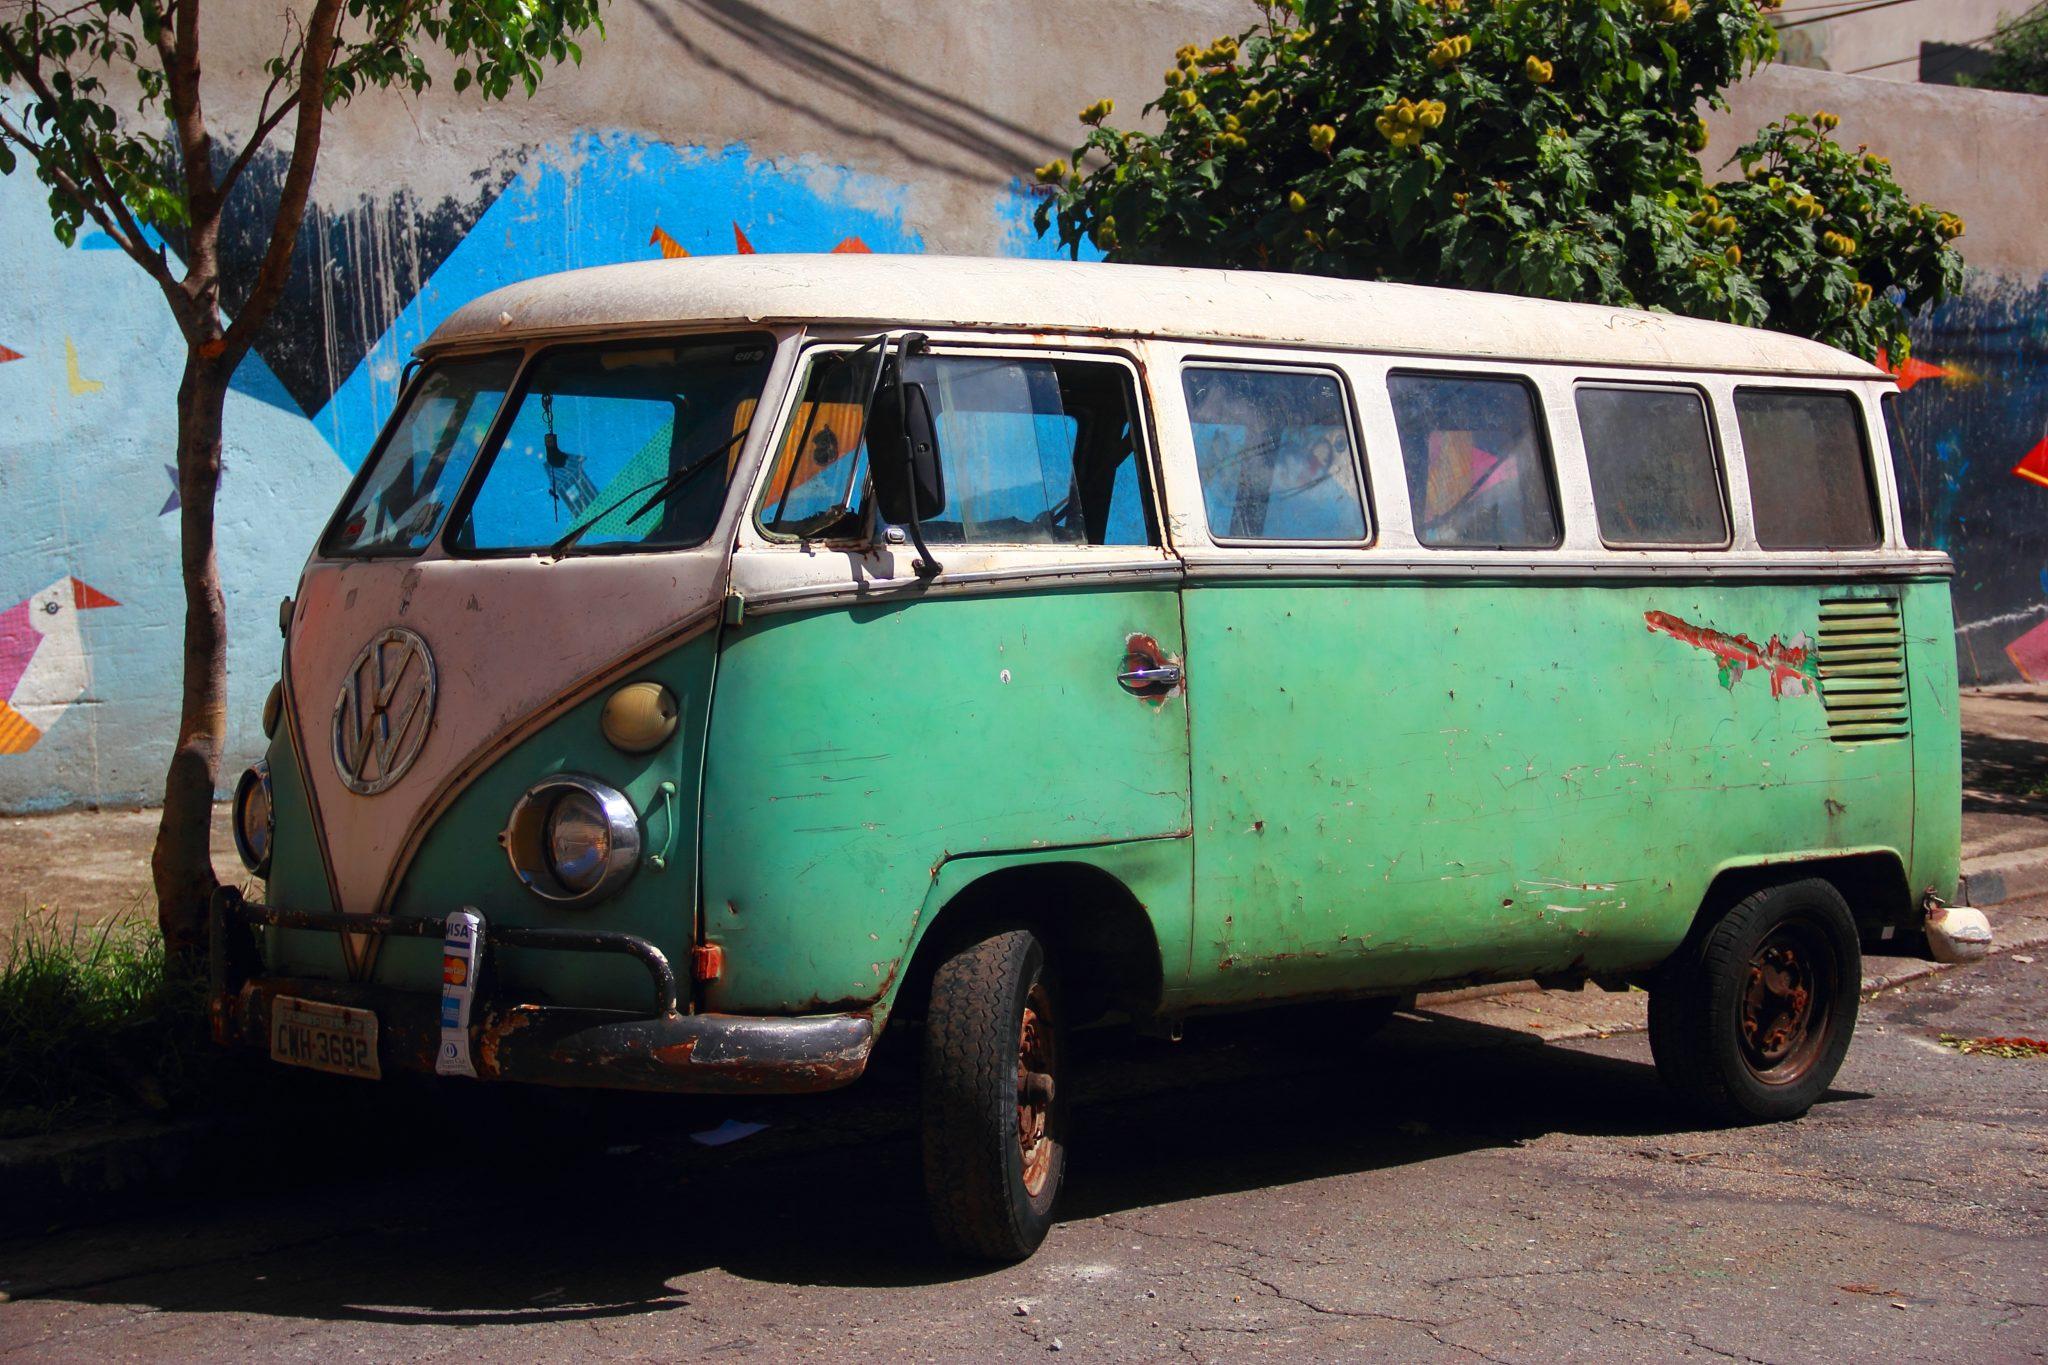 VW Vanagon Woodstock 50